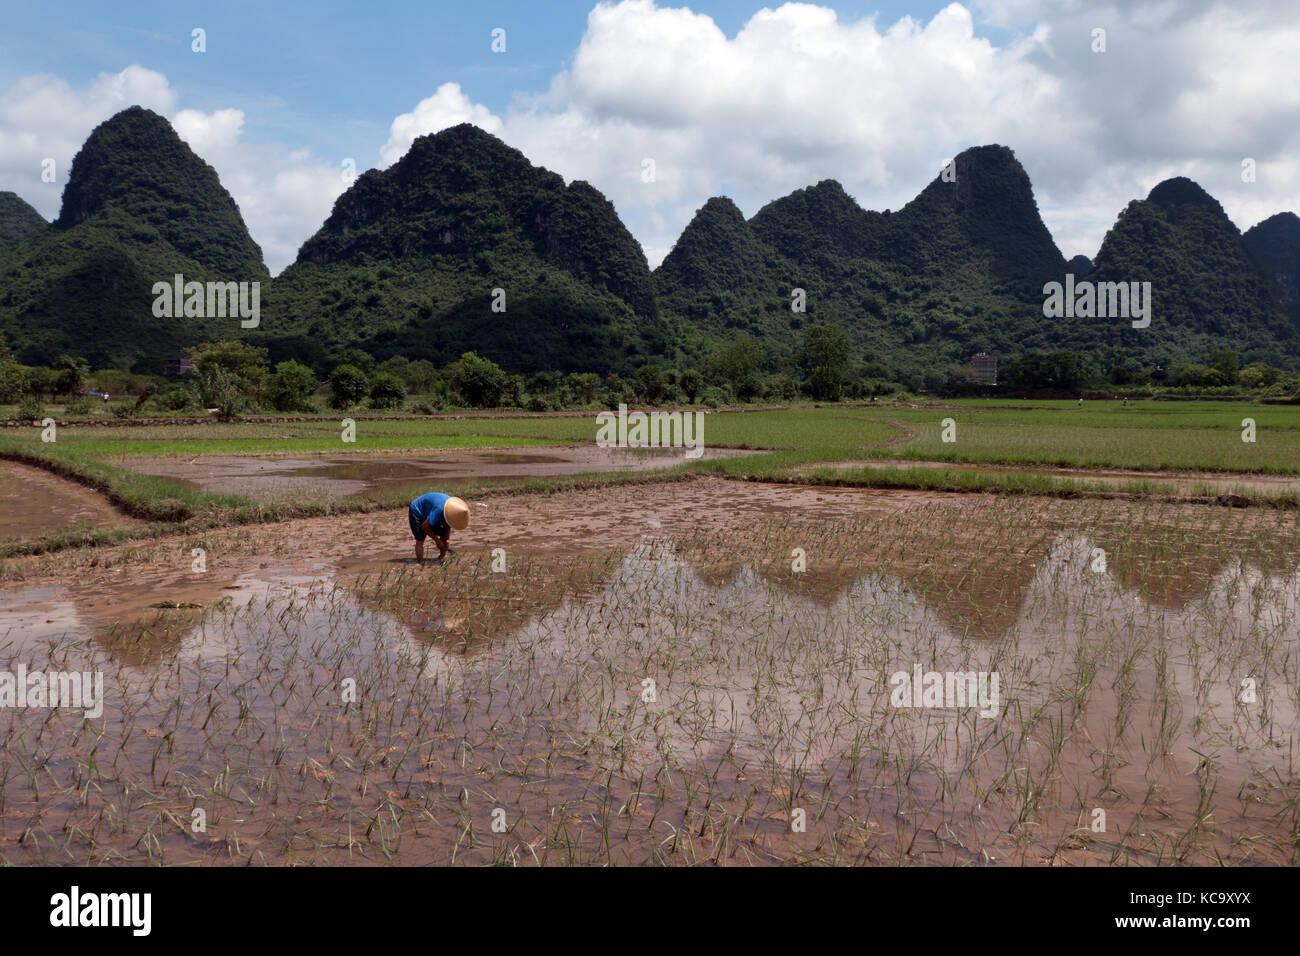 Mann bei der Arbeit als Bauer im Reisfeld, pflanzen Reis pflanzen in Yangshuo Landschaft, Guangxi, China, Asien. Stockfoto